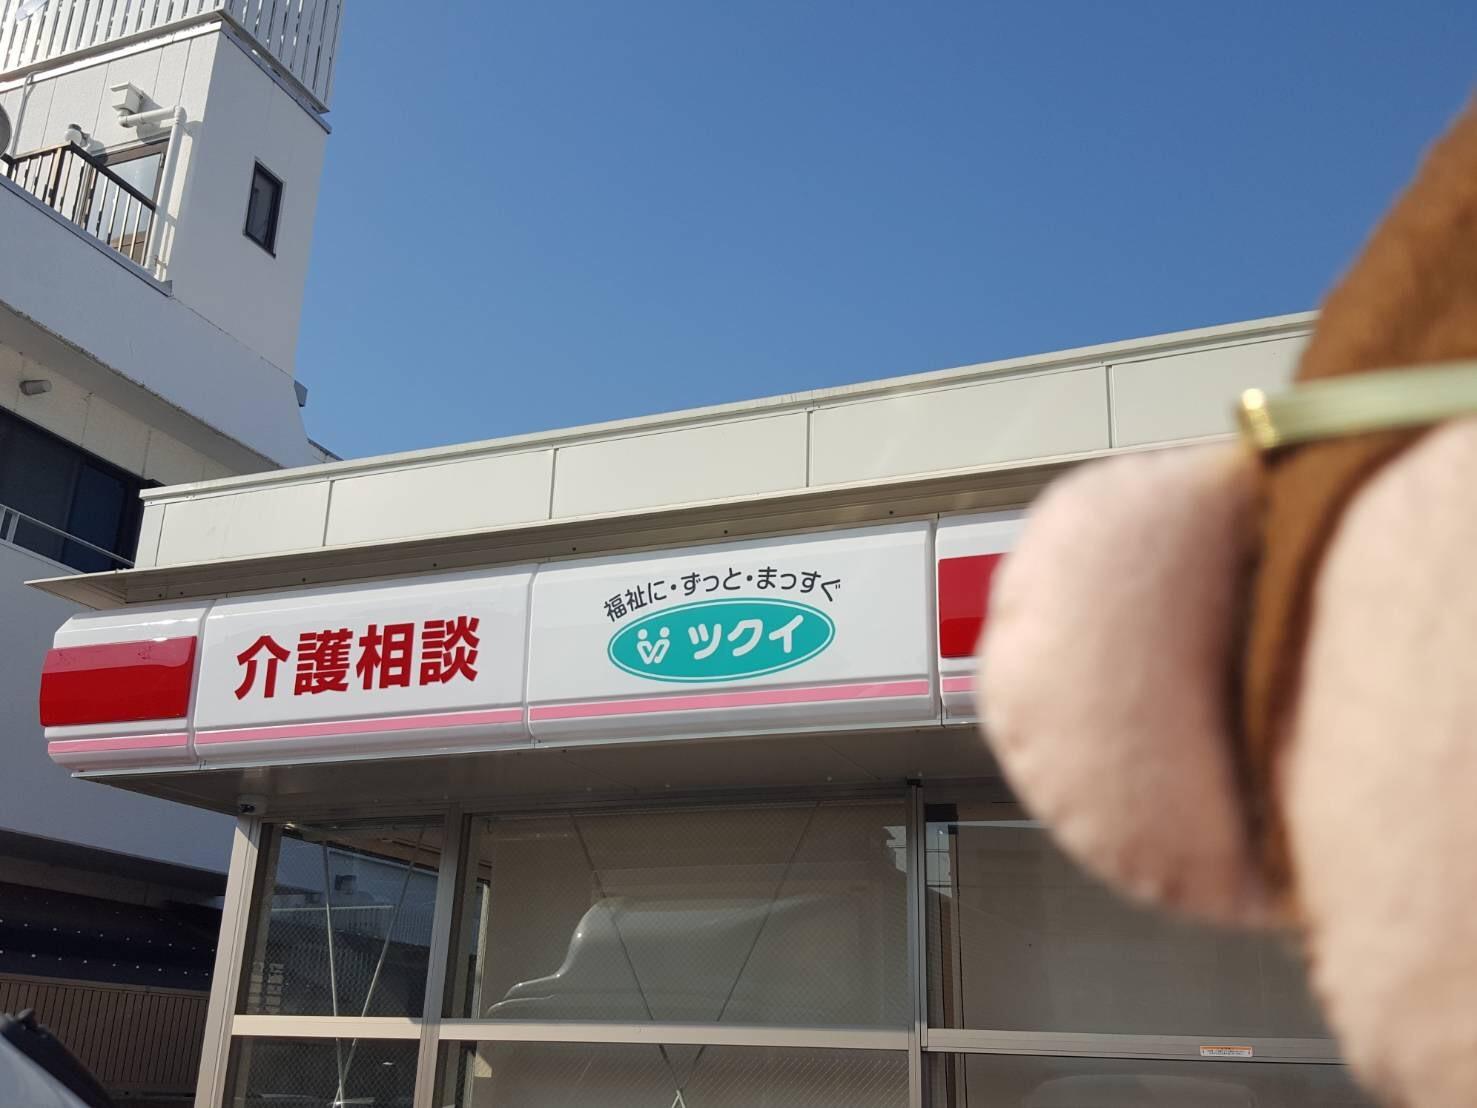 ツクイ薬局 保土ケ谷店(神奈川県横浜市保土ケ谷 …